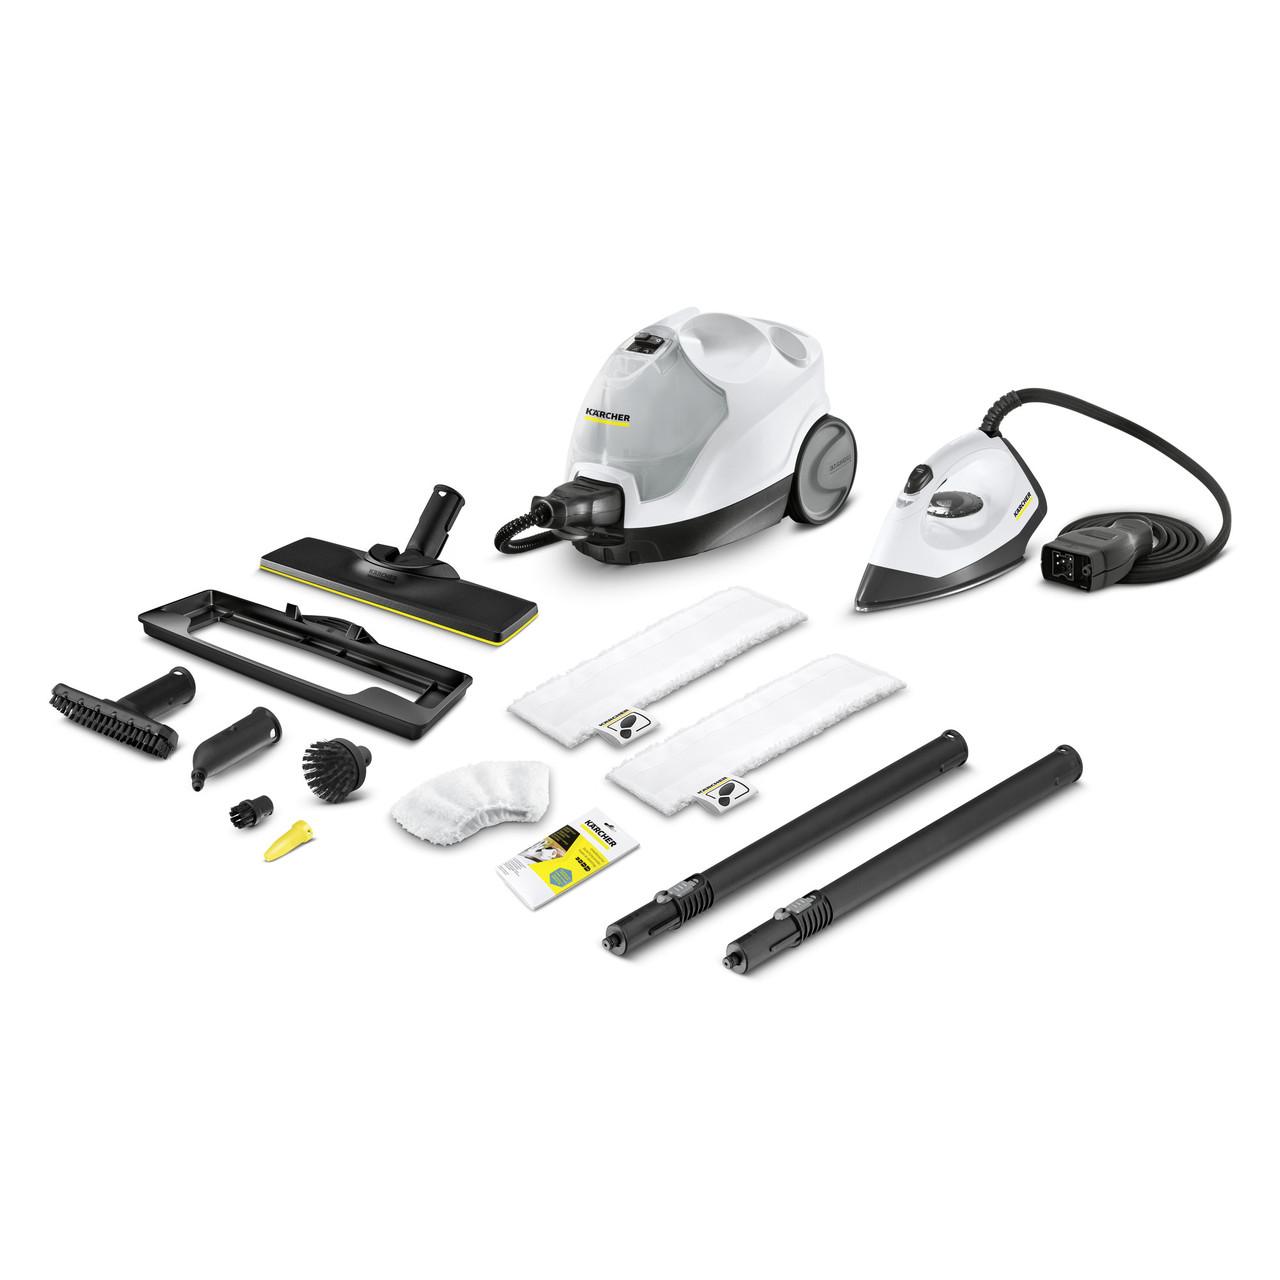 Пароочиститель Karcher SC 4 EasyFix Premium Iron Кit